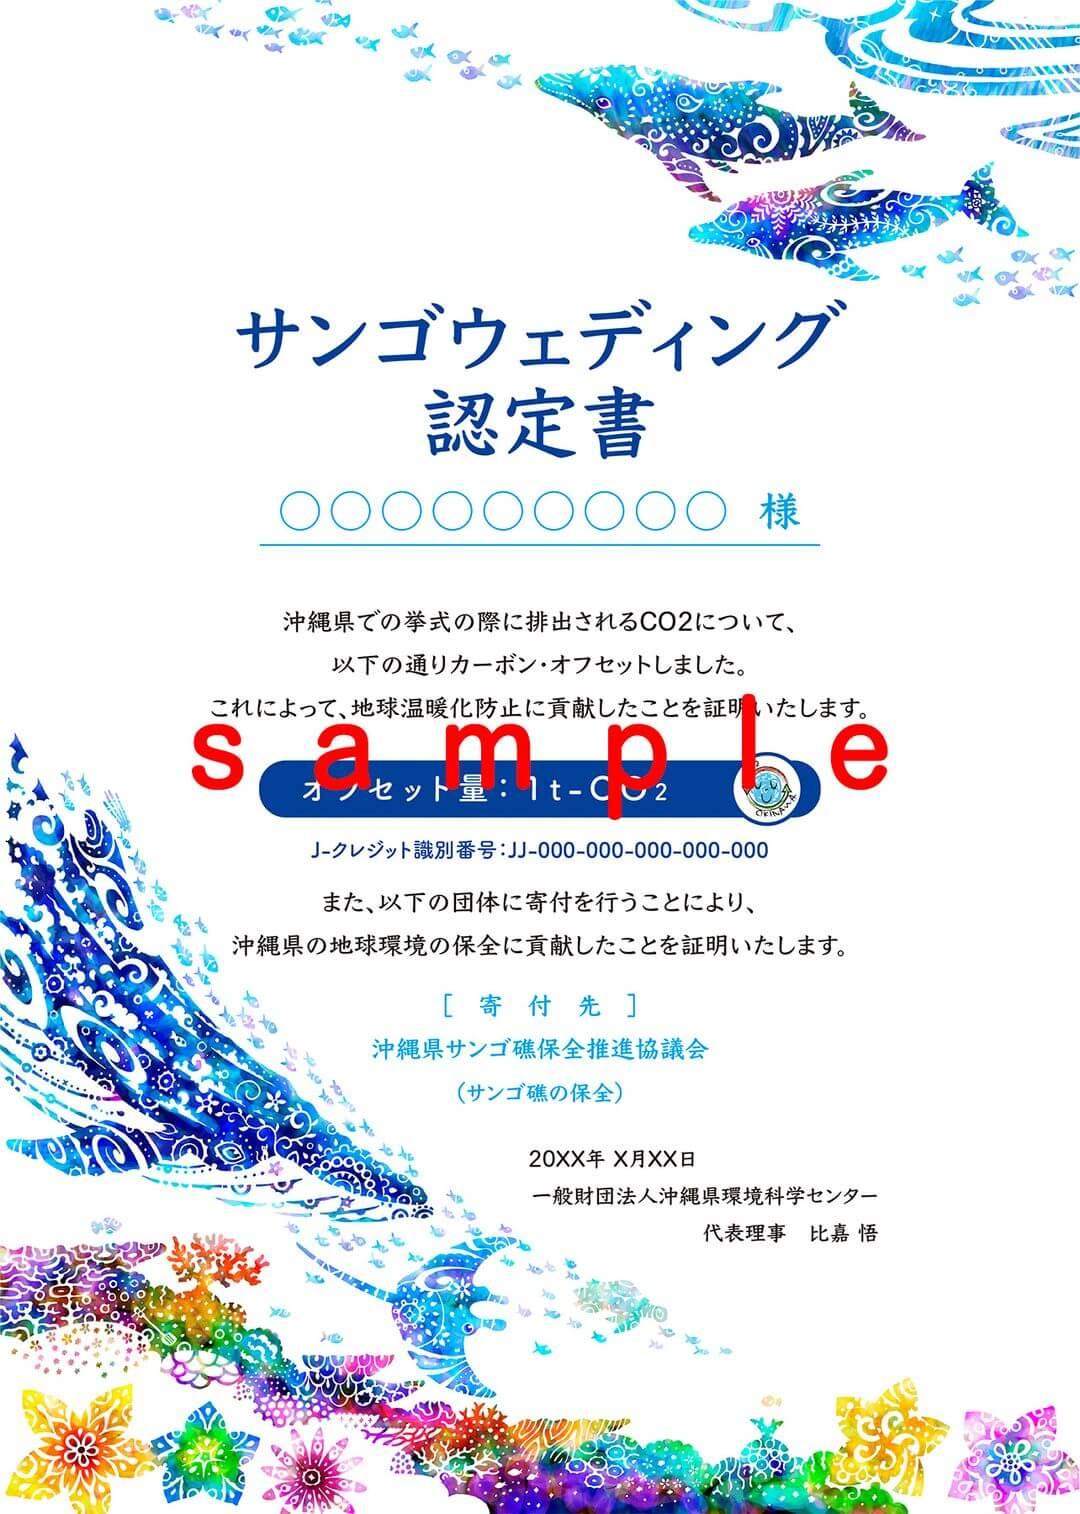 〈証書〉一般社団法人 沖縄リゾートウェディング協会『サンゴウェディング カーボンオフセット証明書』